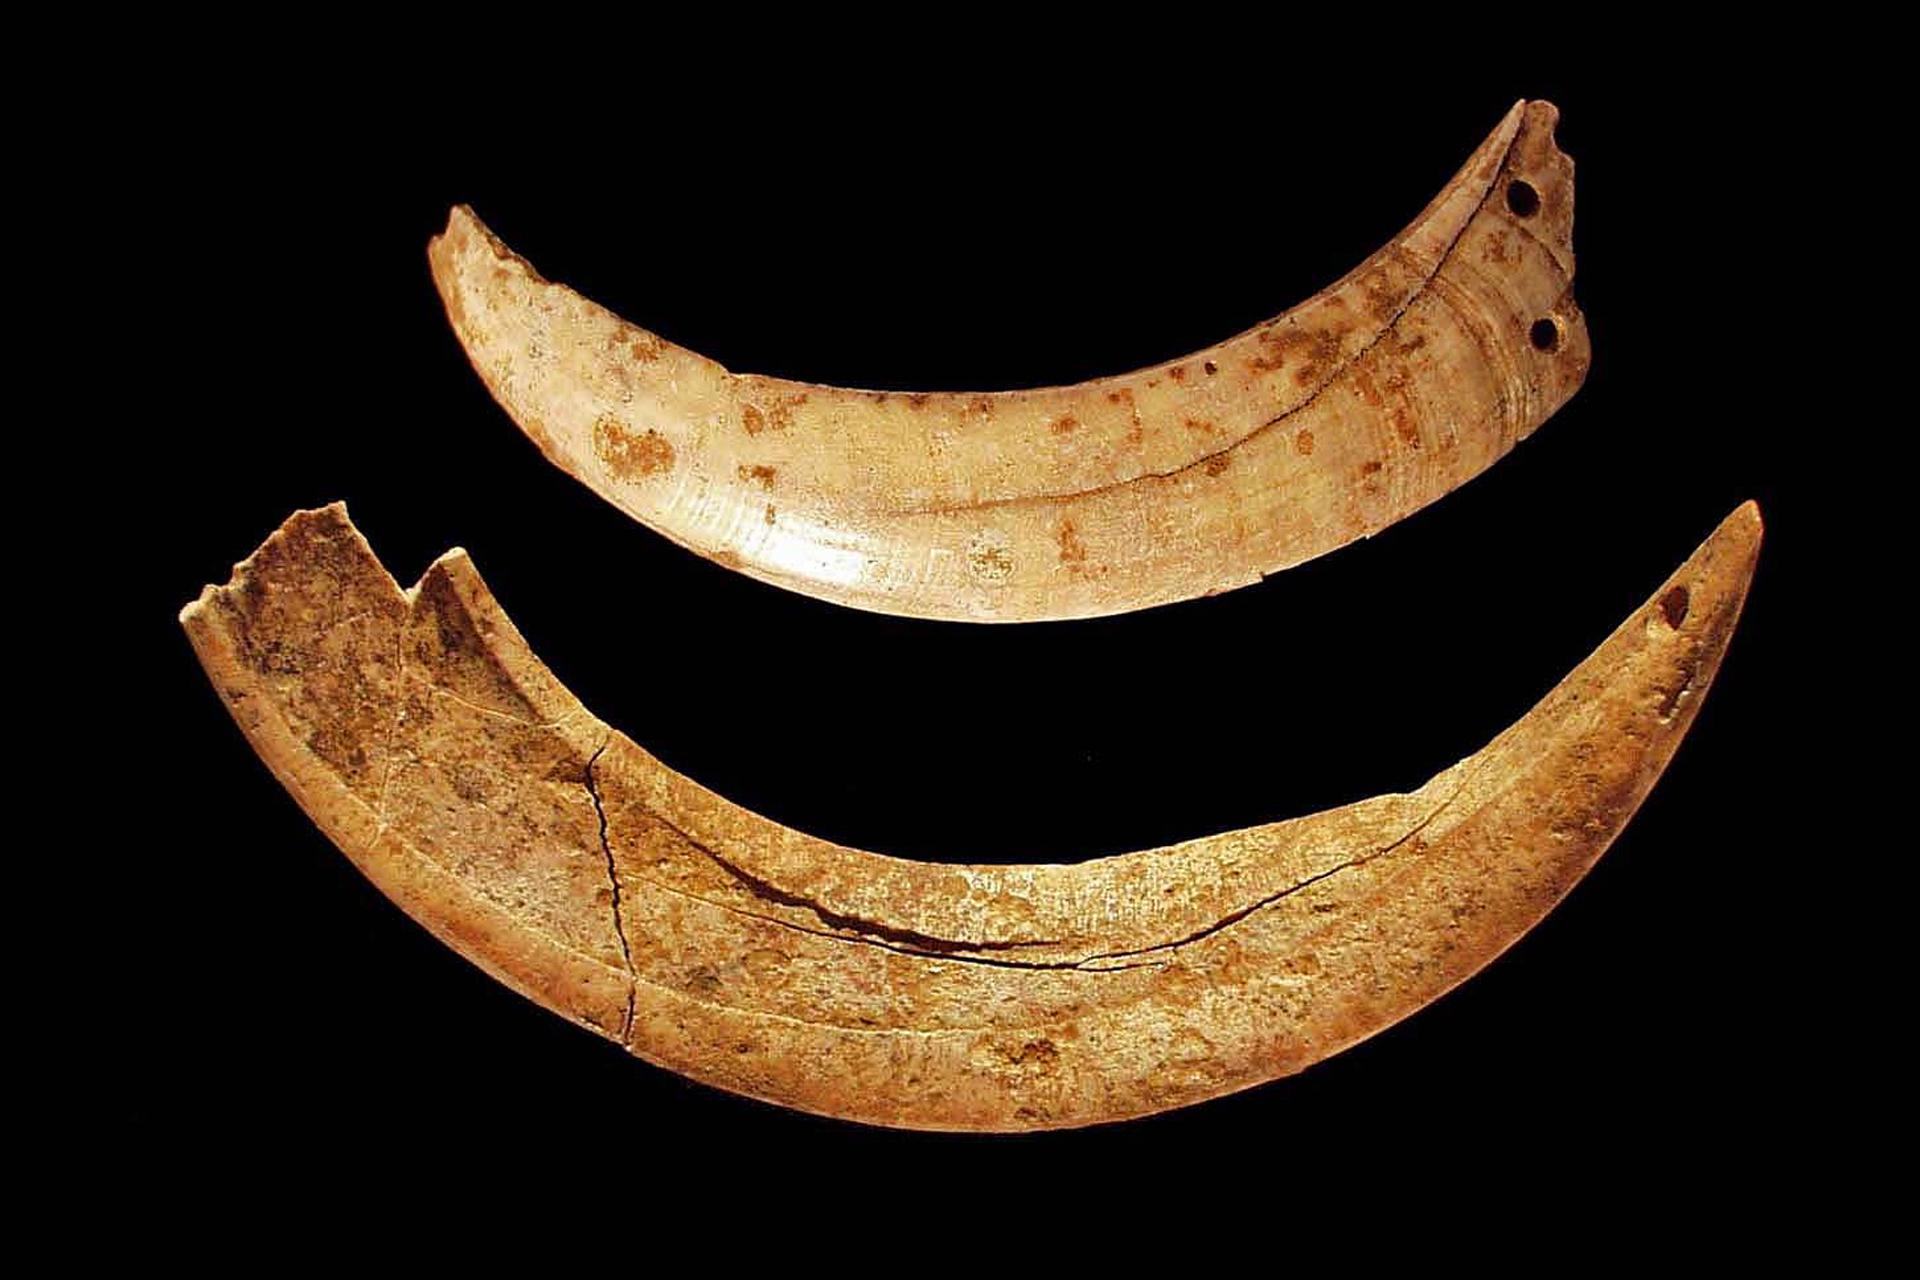 Os Dentes de Javali Afeiçoados da Cova da Presa, em Ribamar ( Lourinhã)